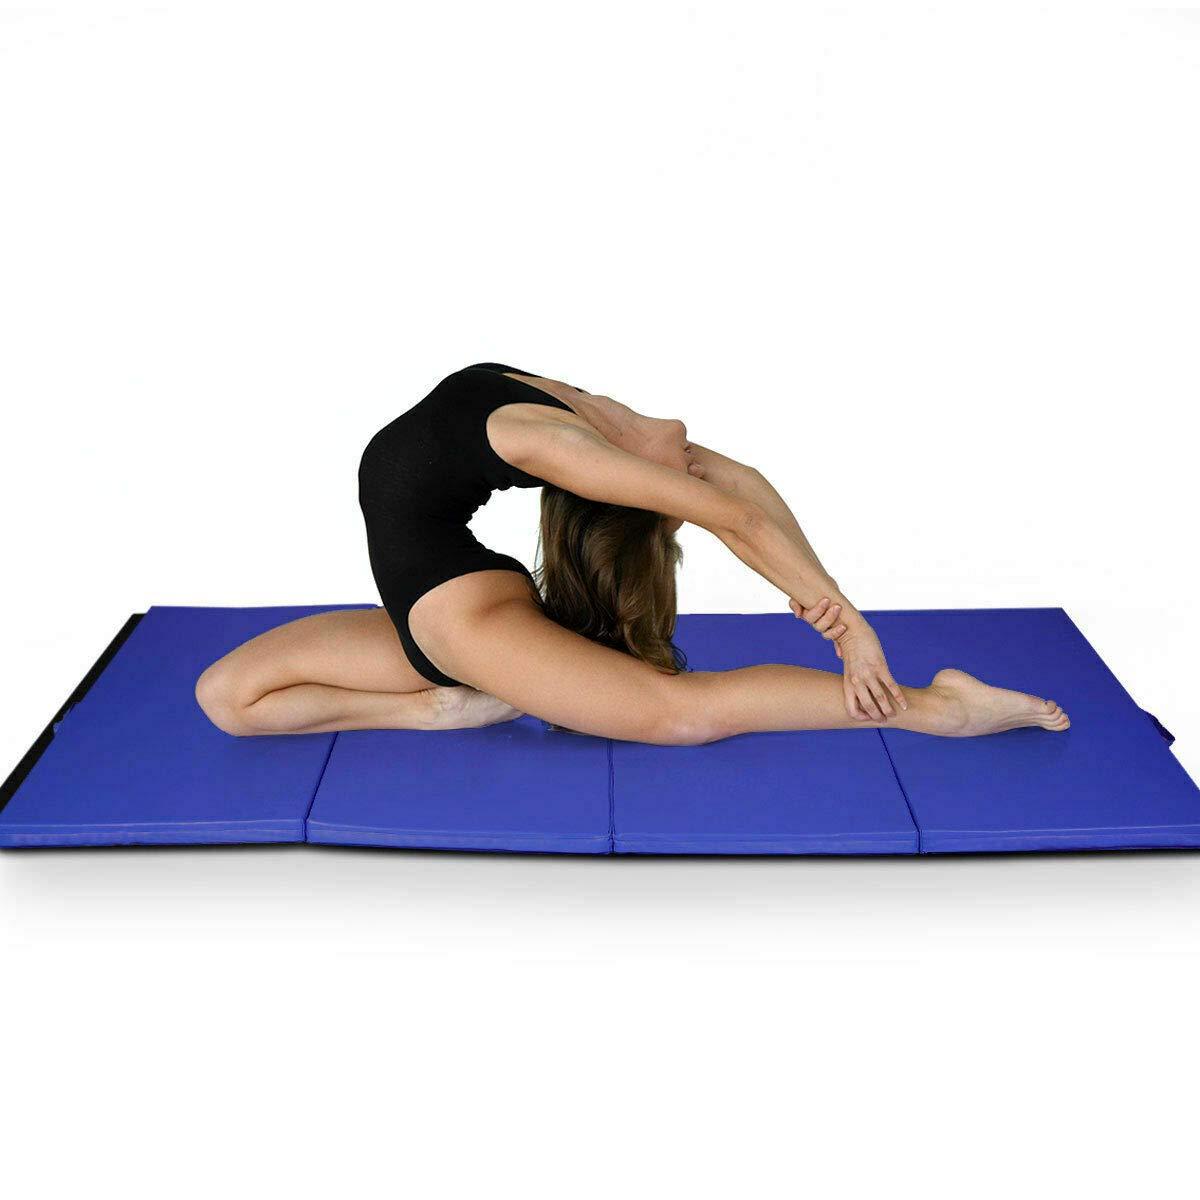 体操マット 厚手 折りたたみパネル ジム フィットネス エクササイズマット ブルー   B07Q37KHKV